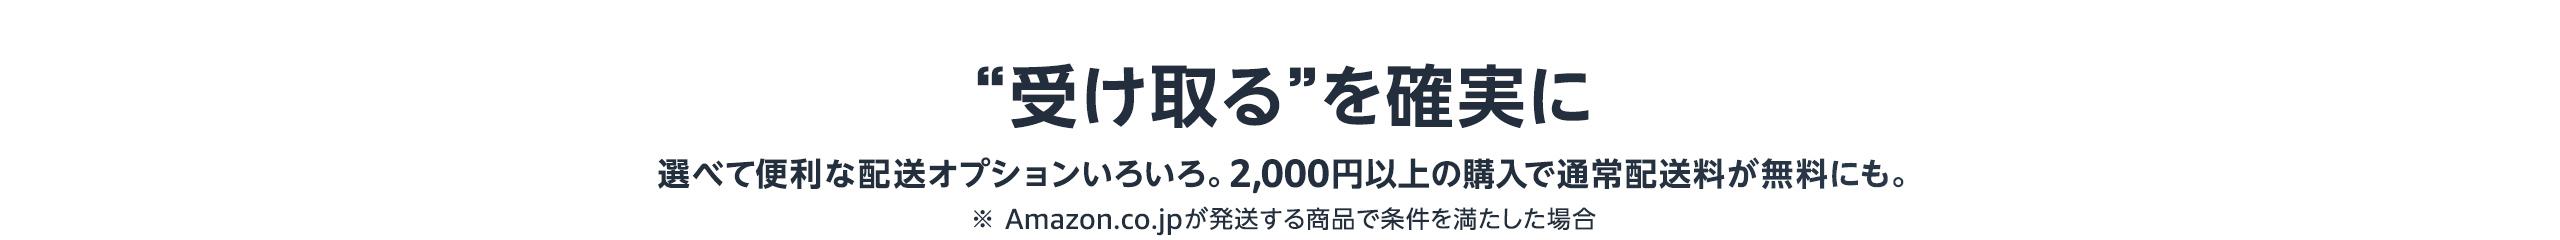 受け取るを確実に 選べて便利なオプションいろいろ。2000円以上の購入で通常配送料が無料にも。